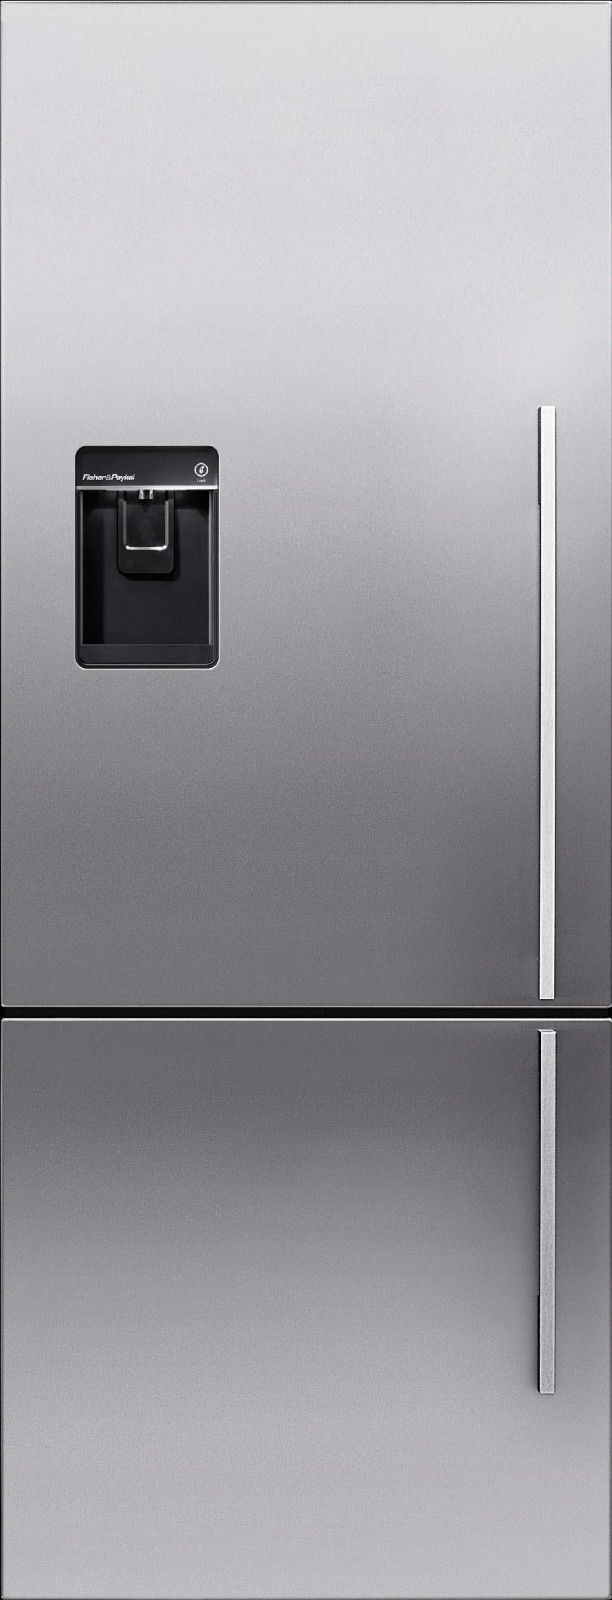 Best Cabinet Depth Refrigerator 25 Best Ideas About Counter Depth Refrigerator On Pinterest